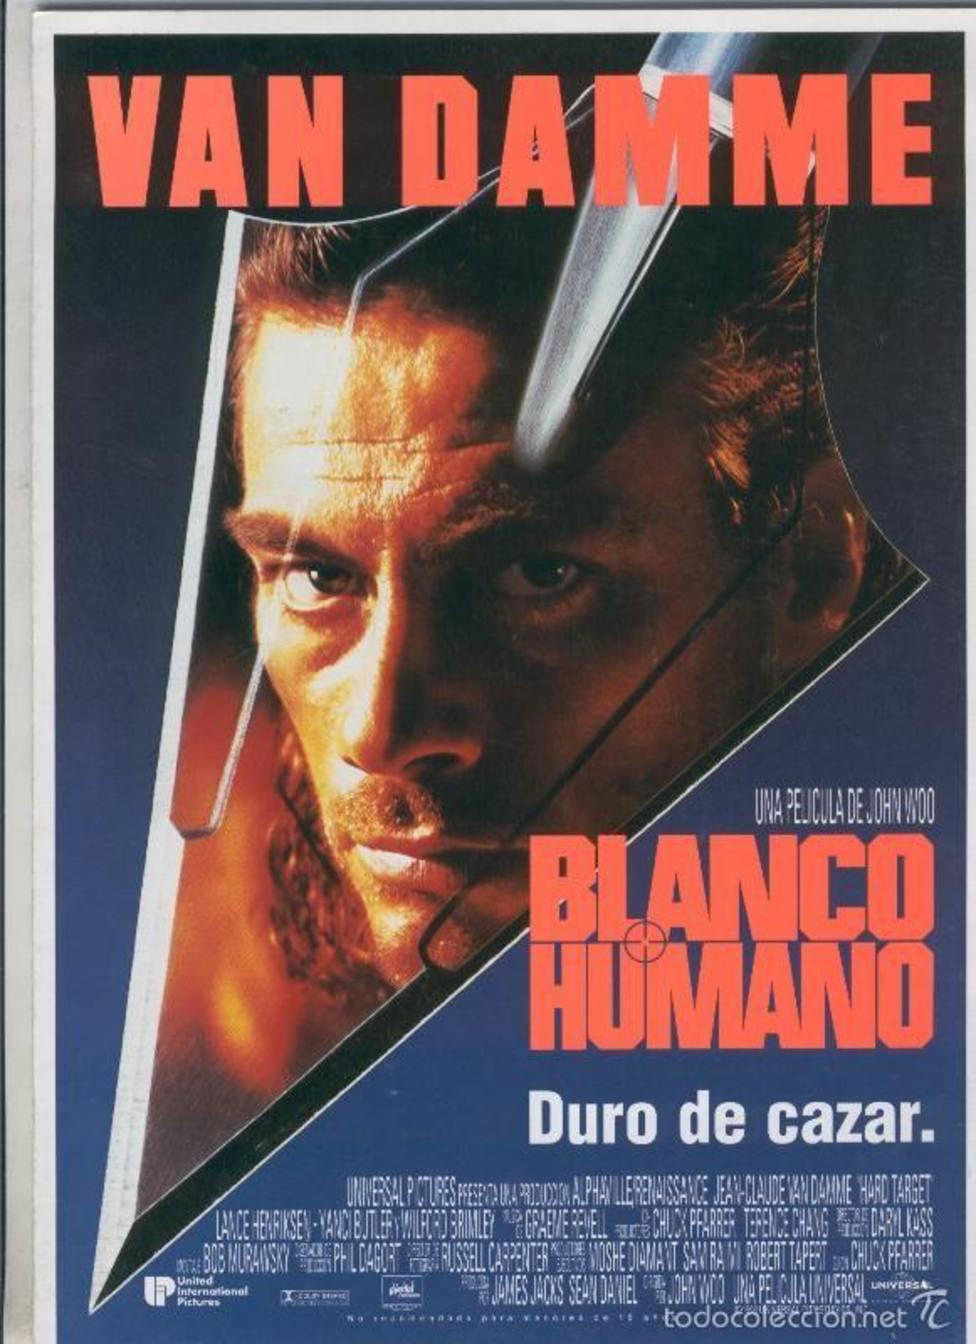 Fin de semana con Jean-Claude Van Damme, EN TRECE